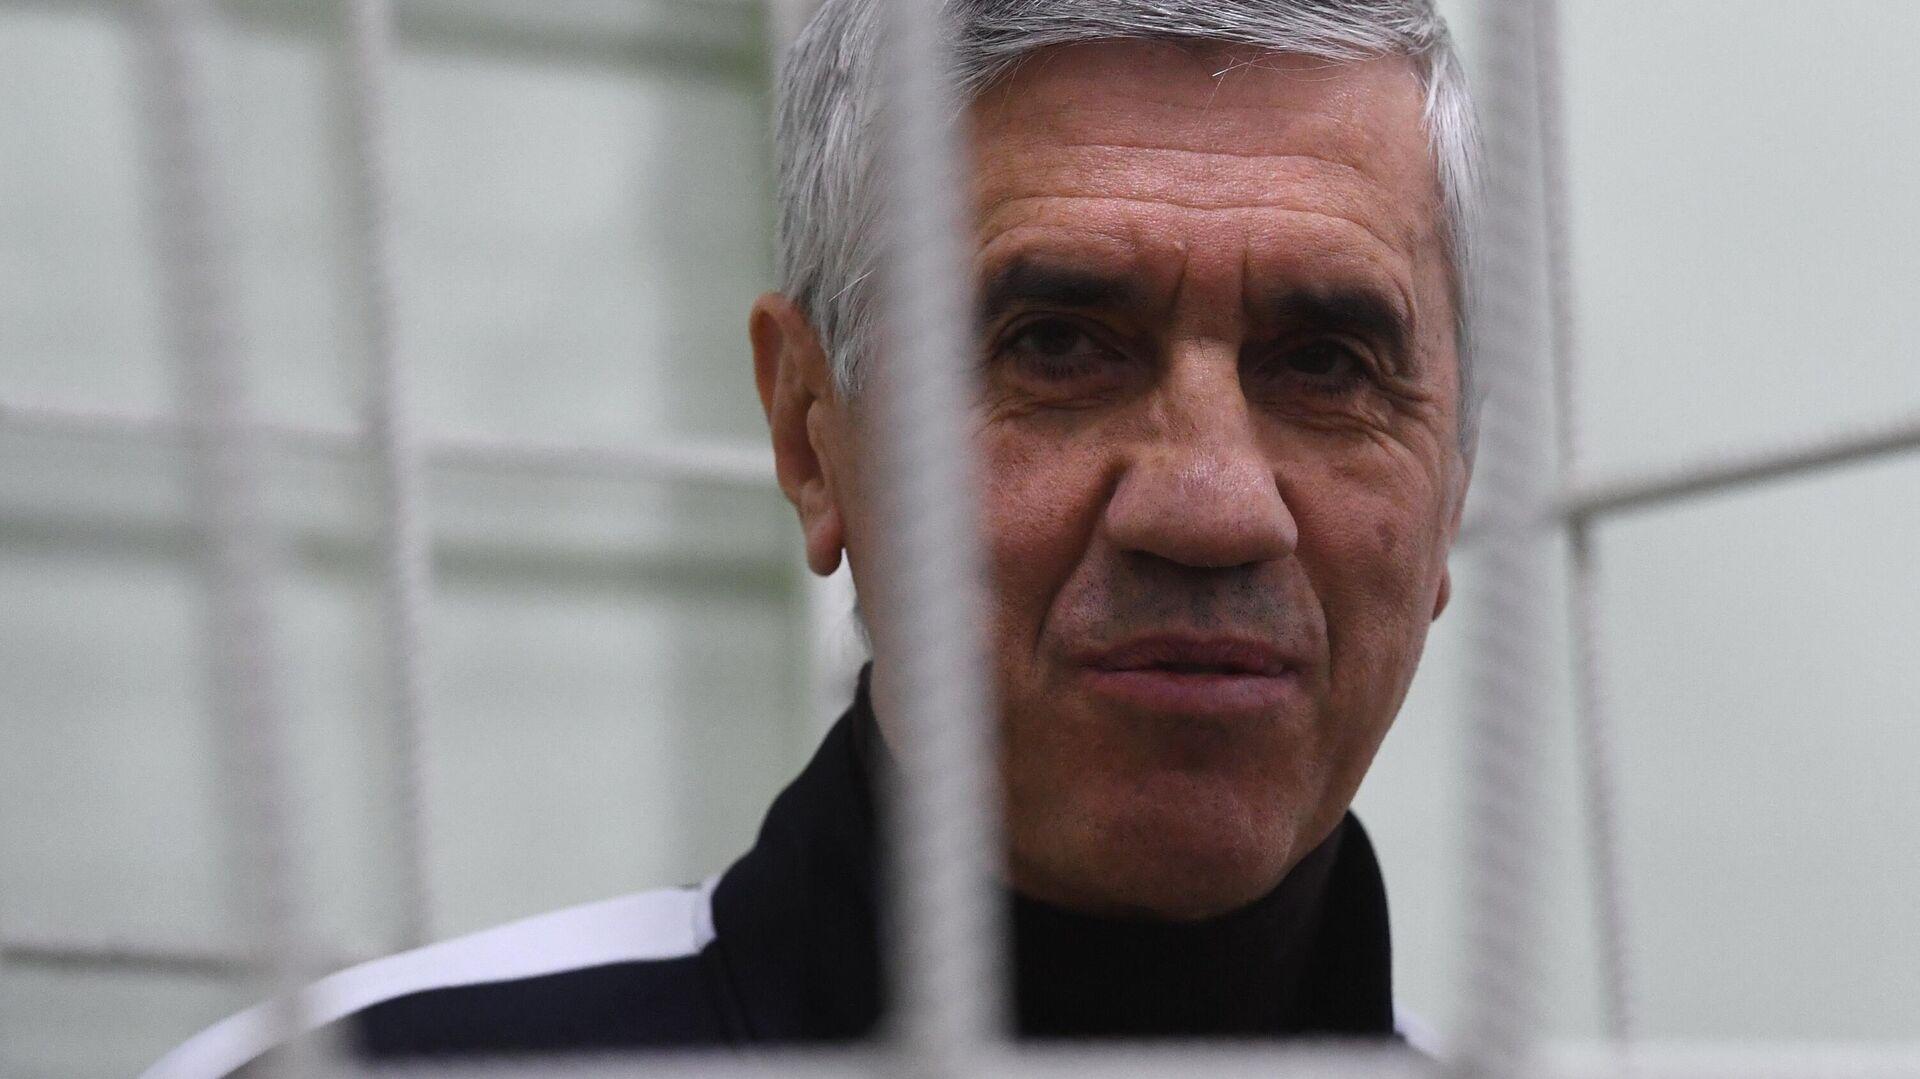 Бизнесмен Анатолий Быков, обвиняемый в  организации двойного убийства в 1994 году, во время судебного заседания в Красноярске - РИА Новости, 1920, 30.07.2021